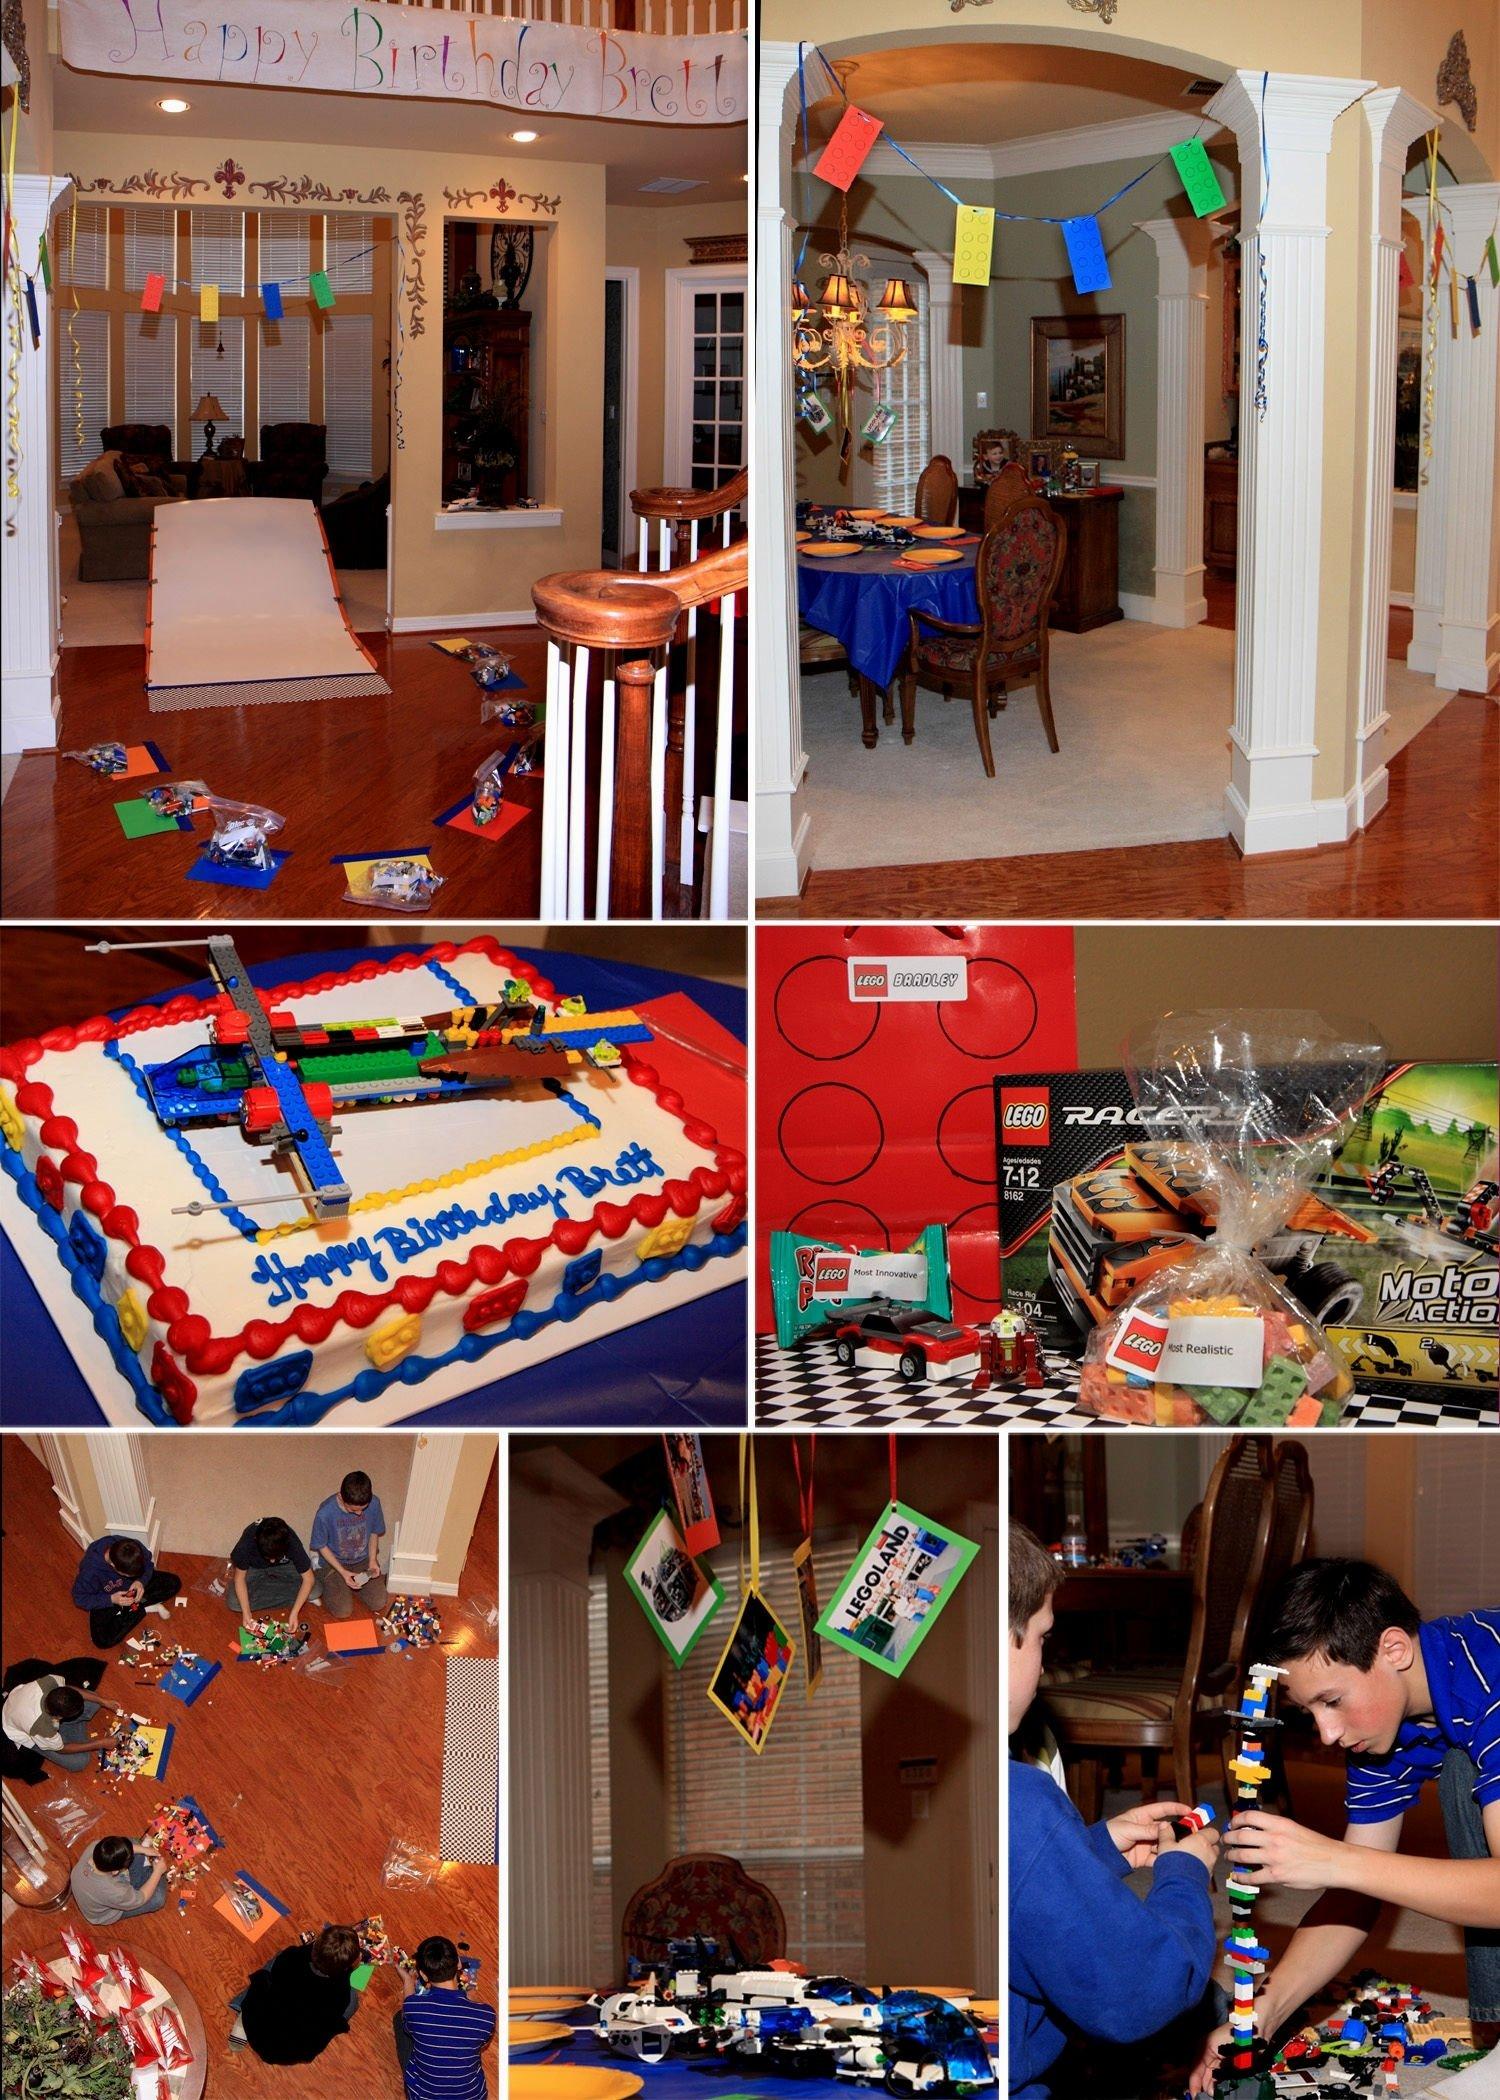 10 Wonderful Birthday Party Ideas For 11 Year Old Boy Latest